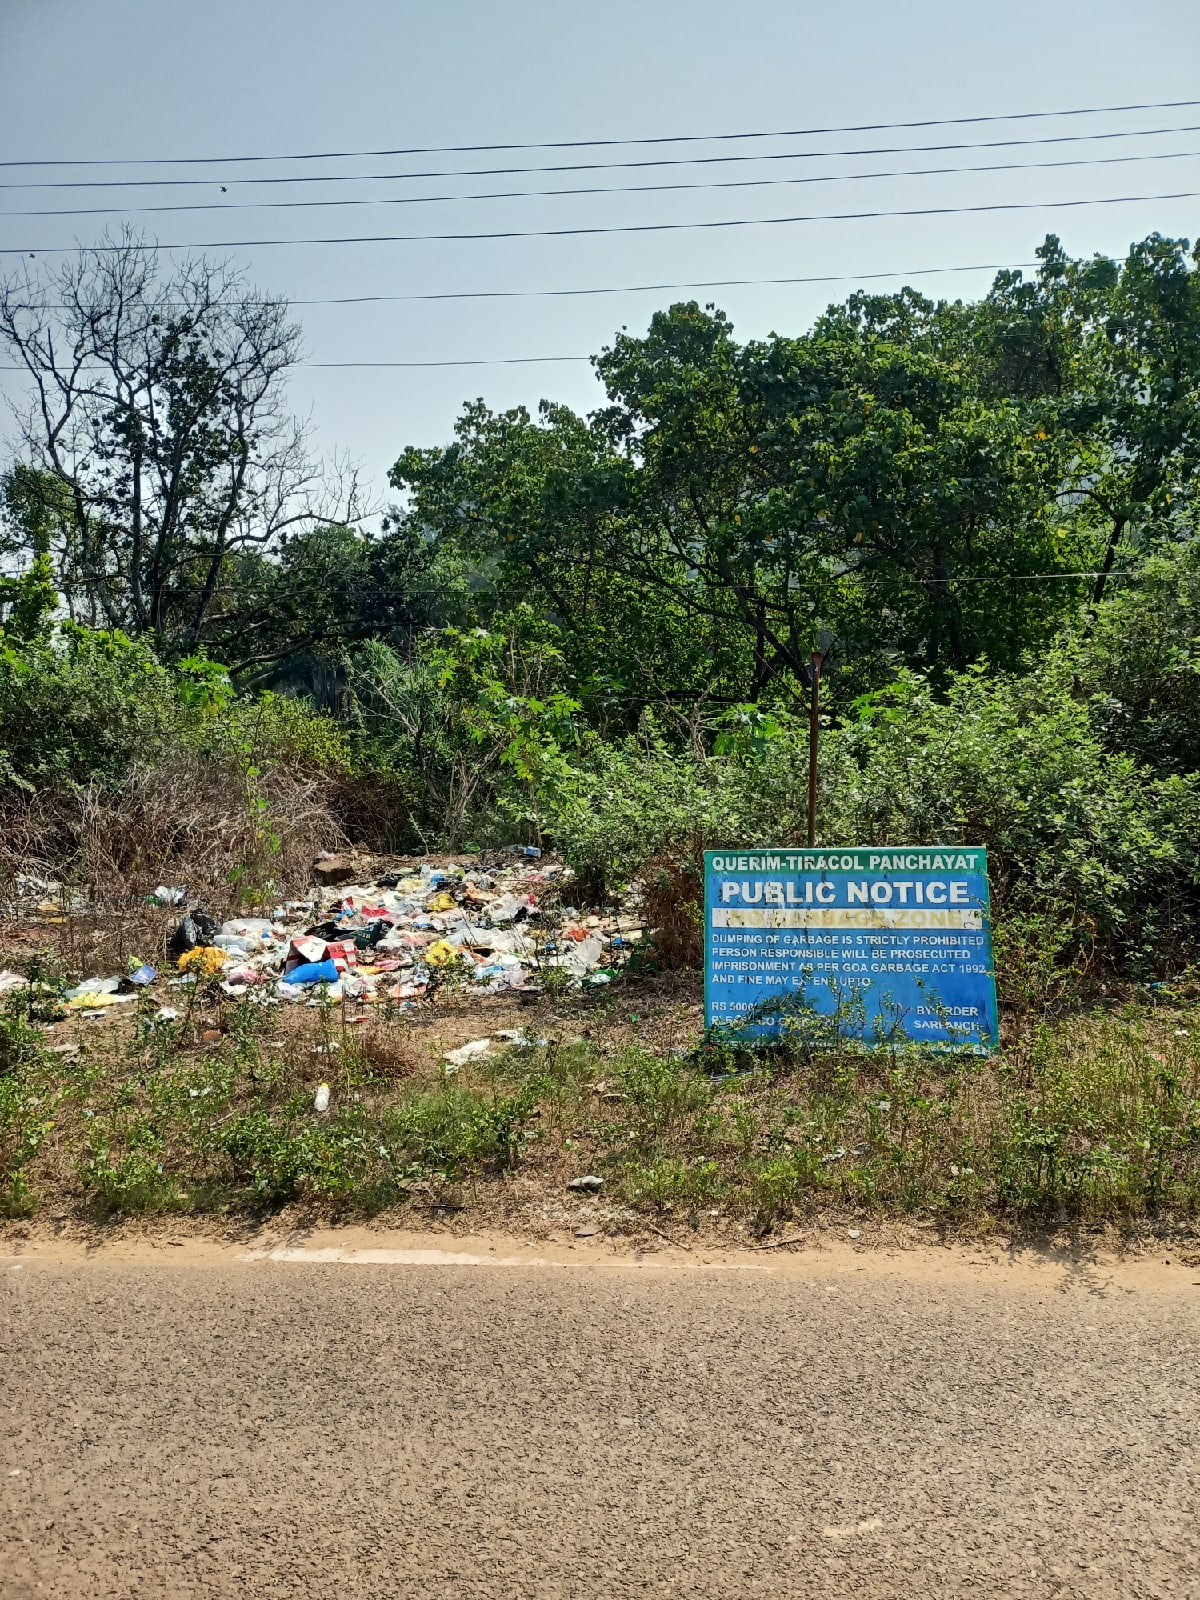 Надпись на плакате угрожает штрафом злостным загрязнителям окружающей среды и кидателям мусора на обочины дорог